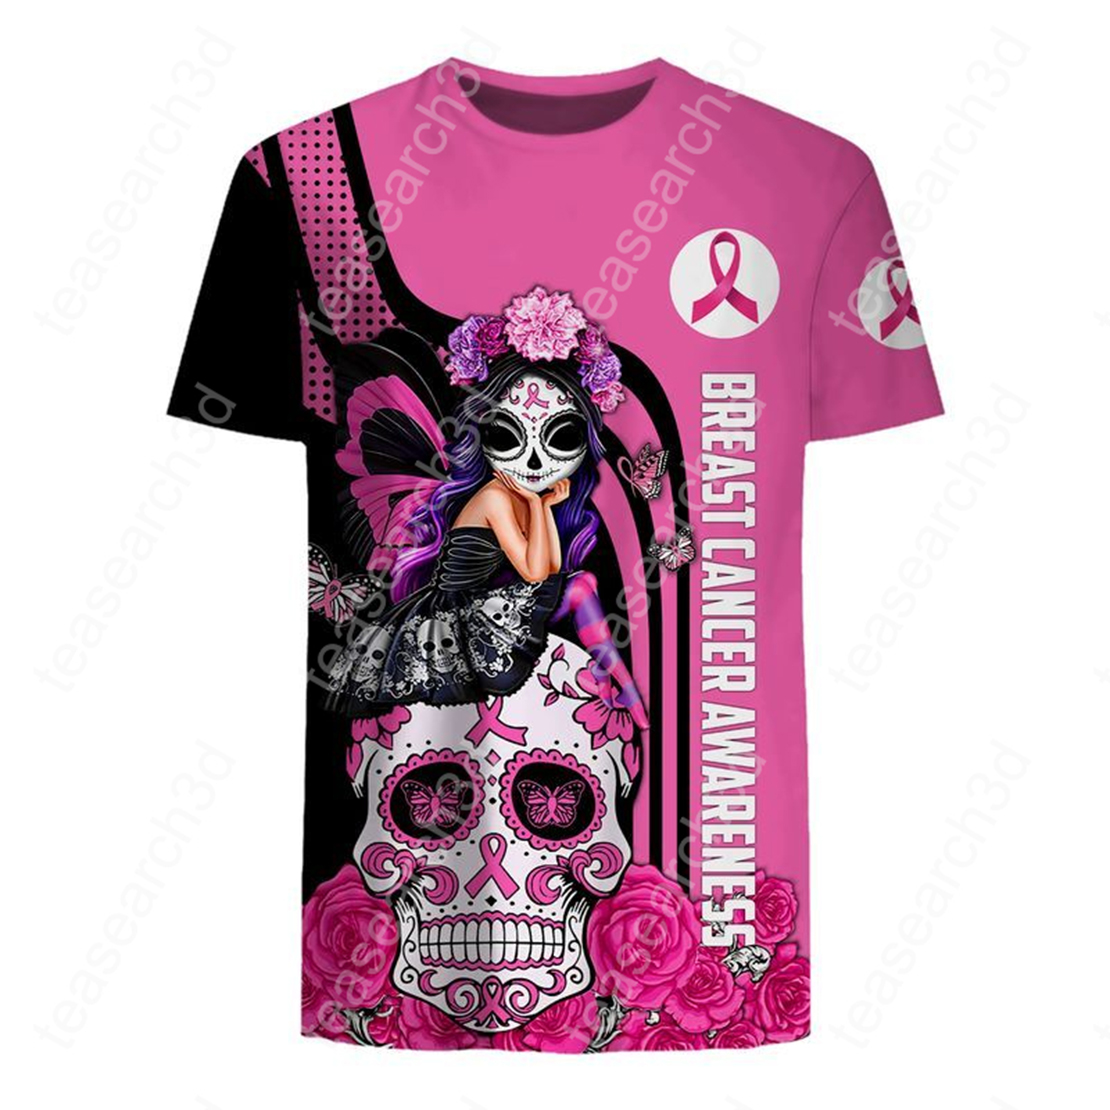 Skull fairy girl breast cancer awareness 3d t-shirt